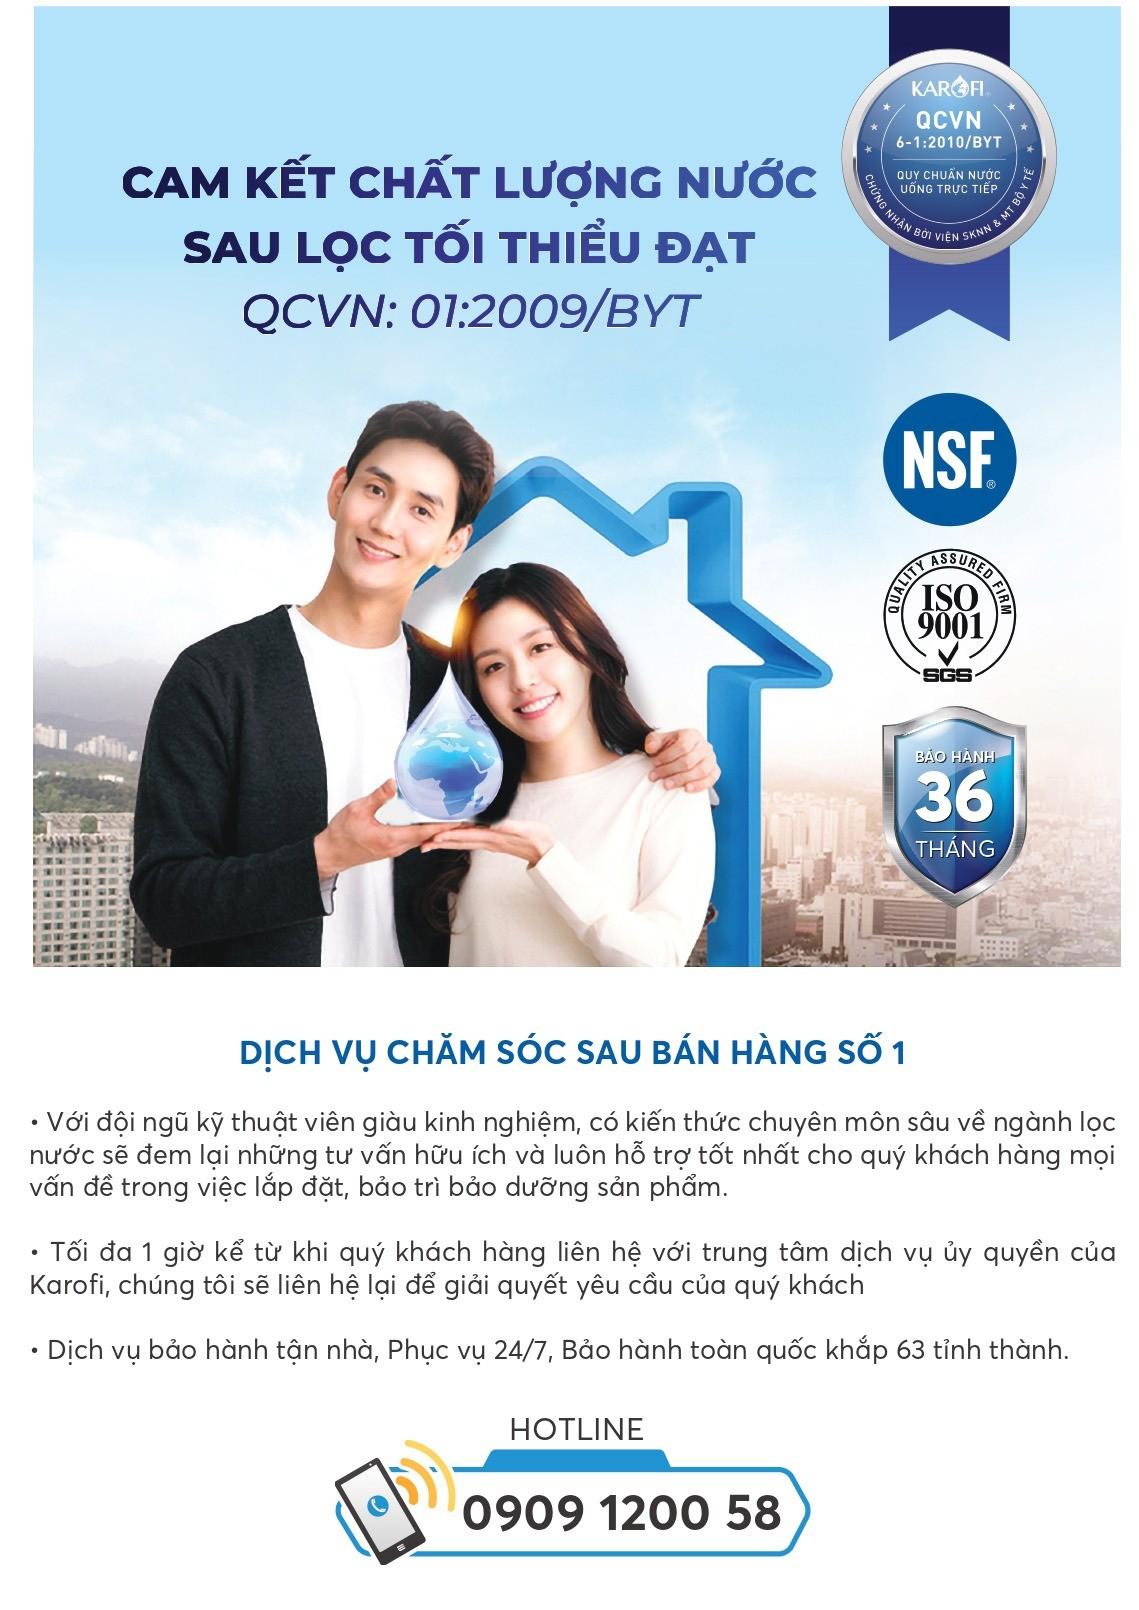 tinh-nang-552-662-5-1